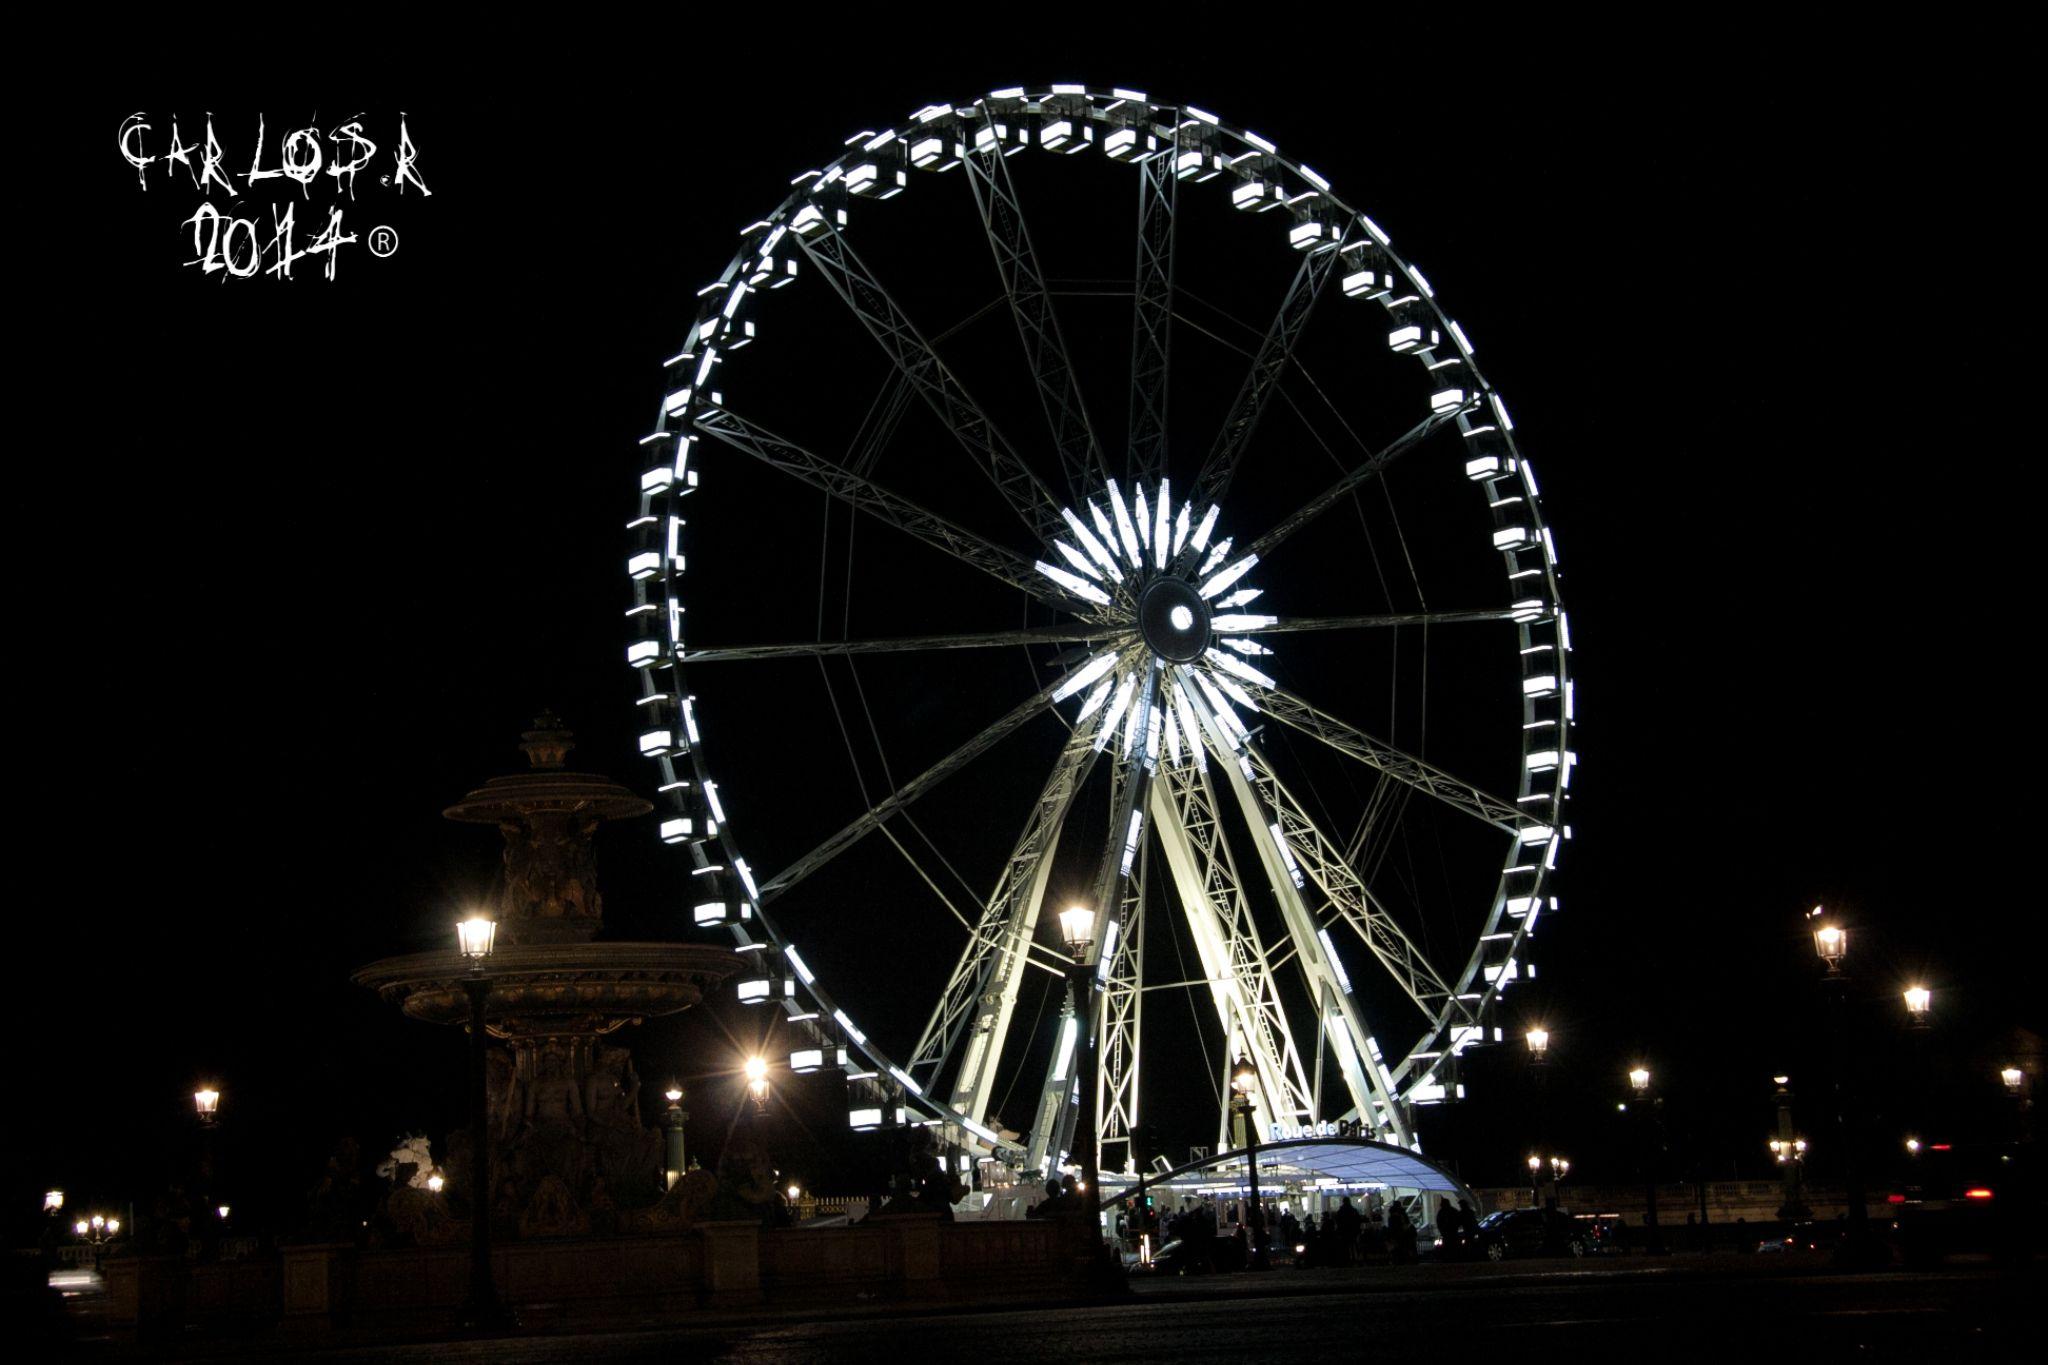 la grande roue by carlosr